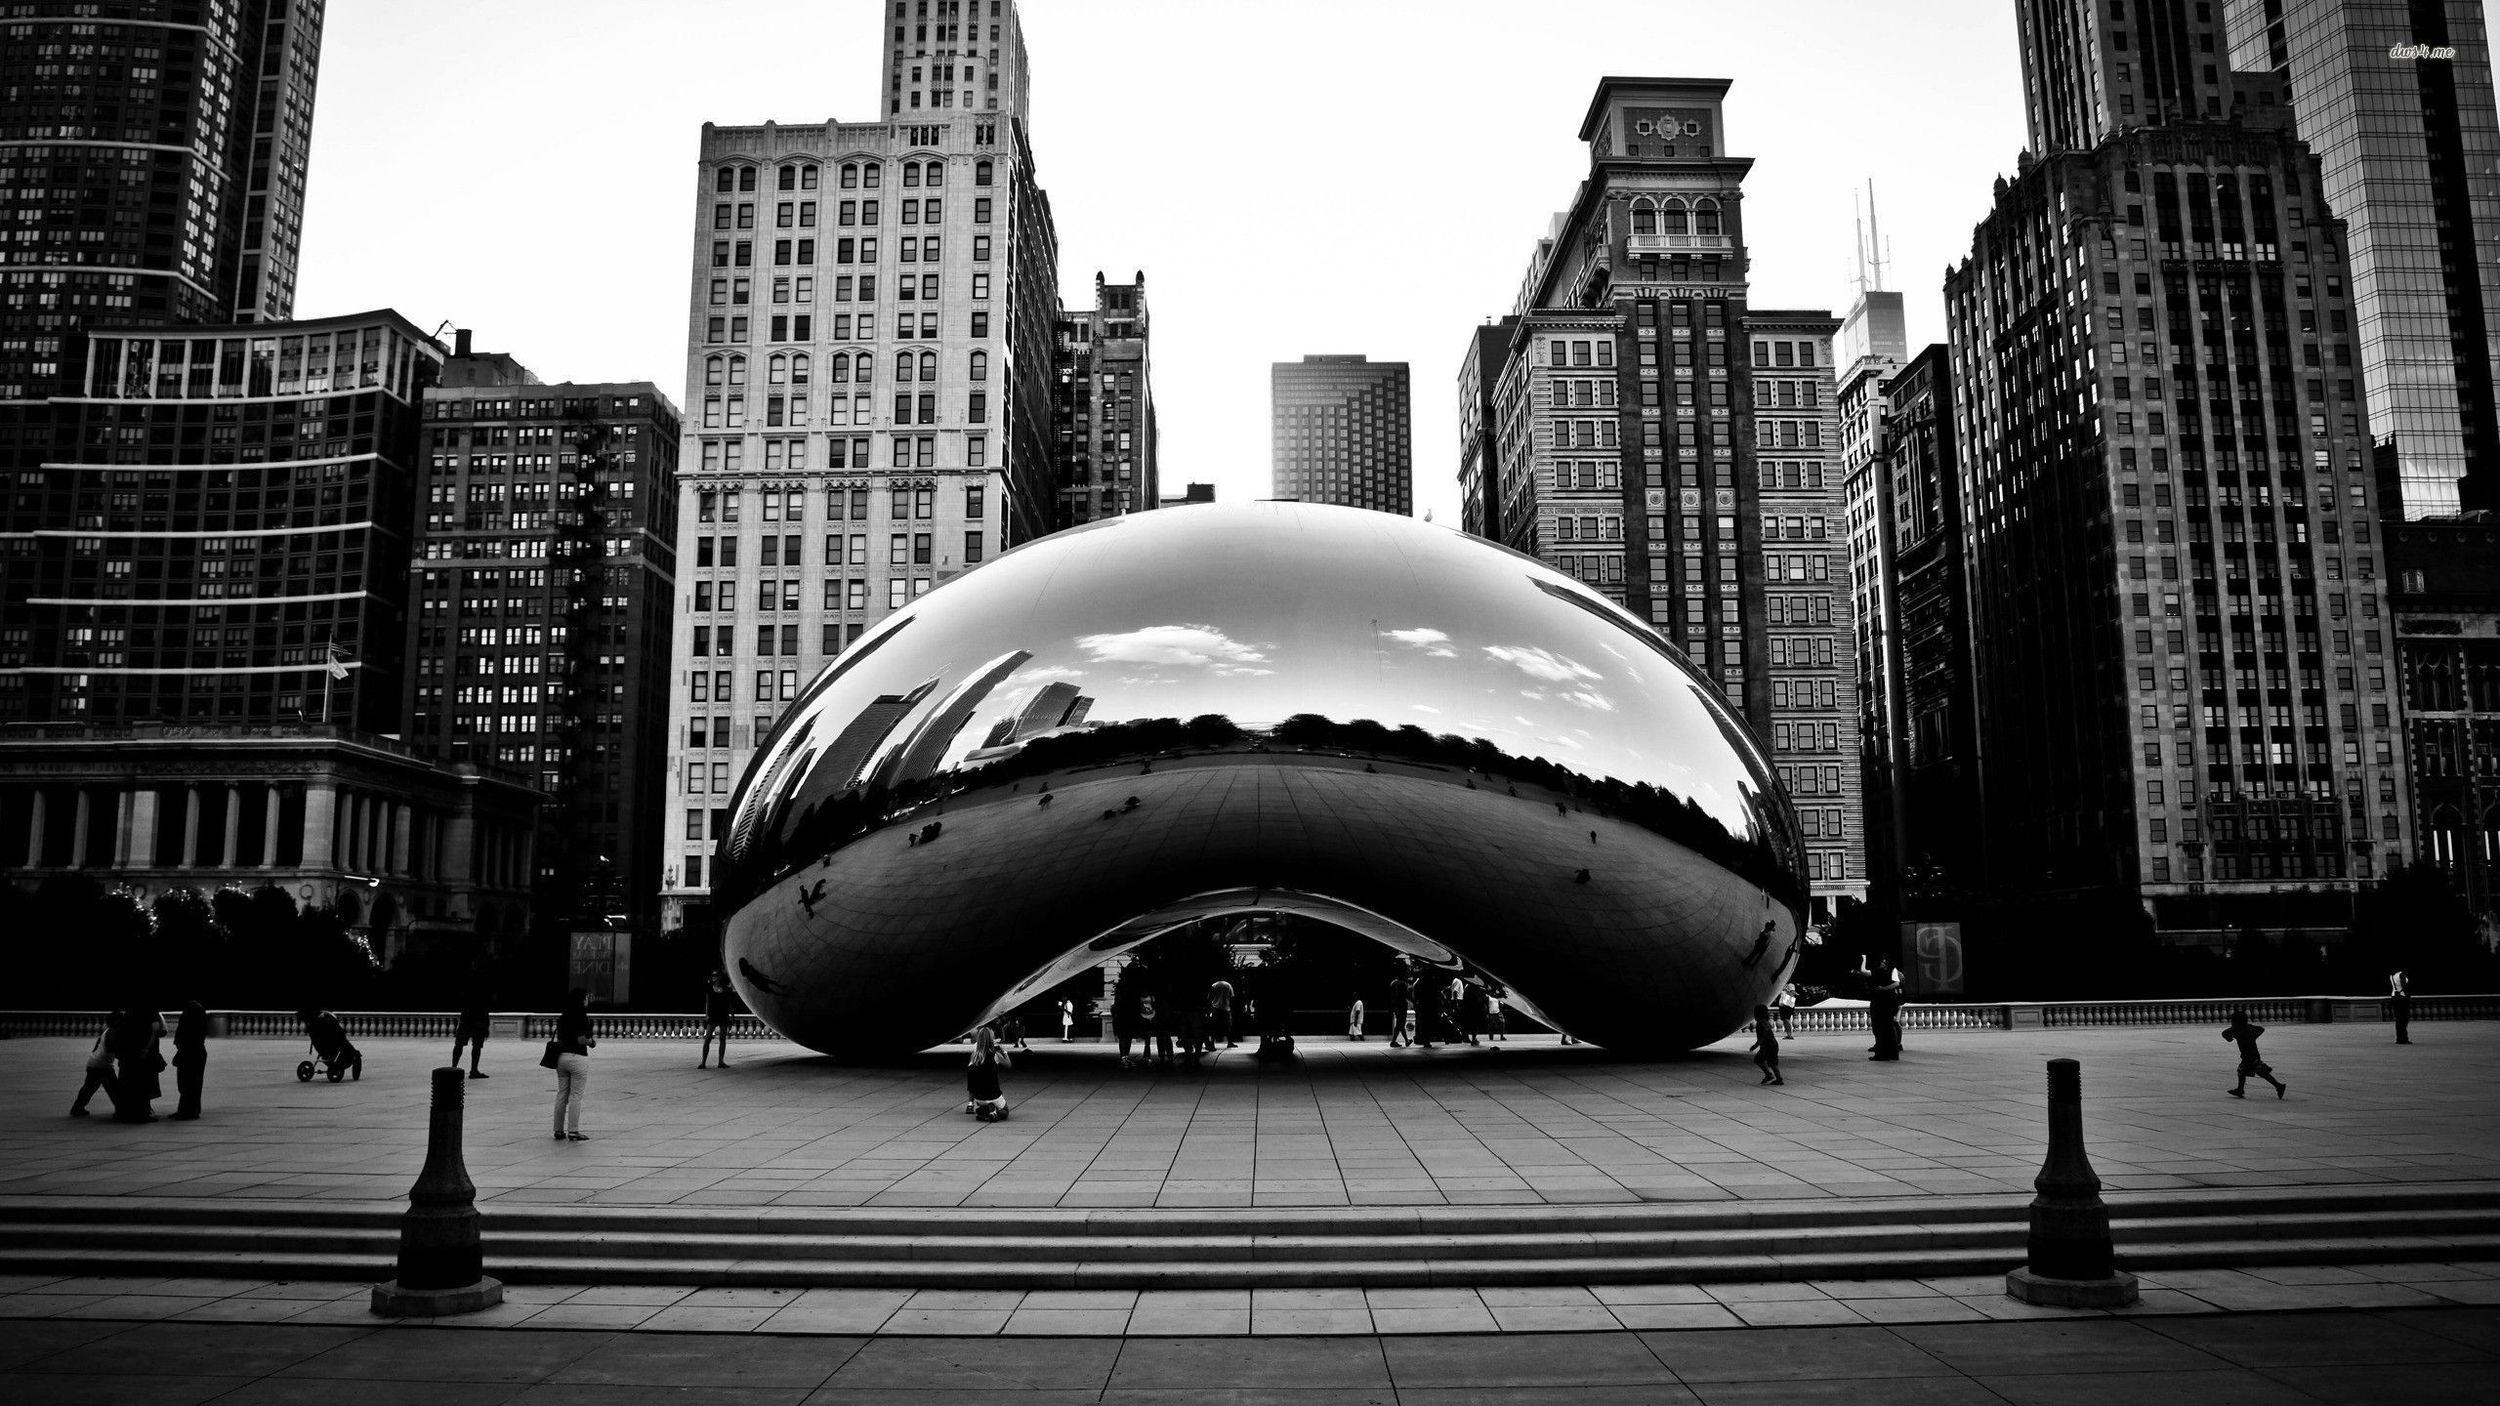 24007-cloud-gate-chicago-2560x1440-world-wallpaper.jpg